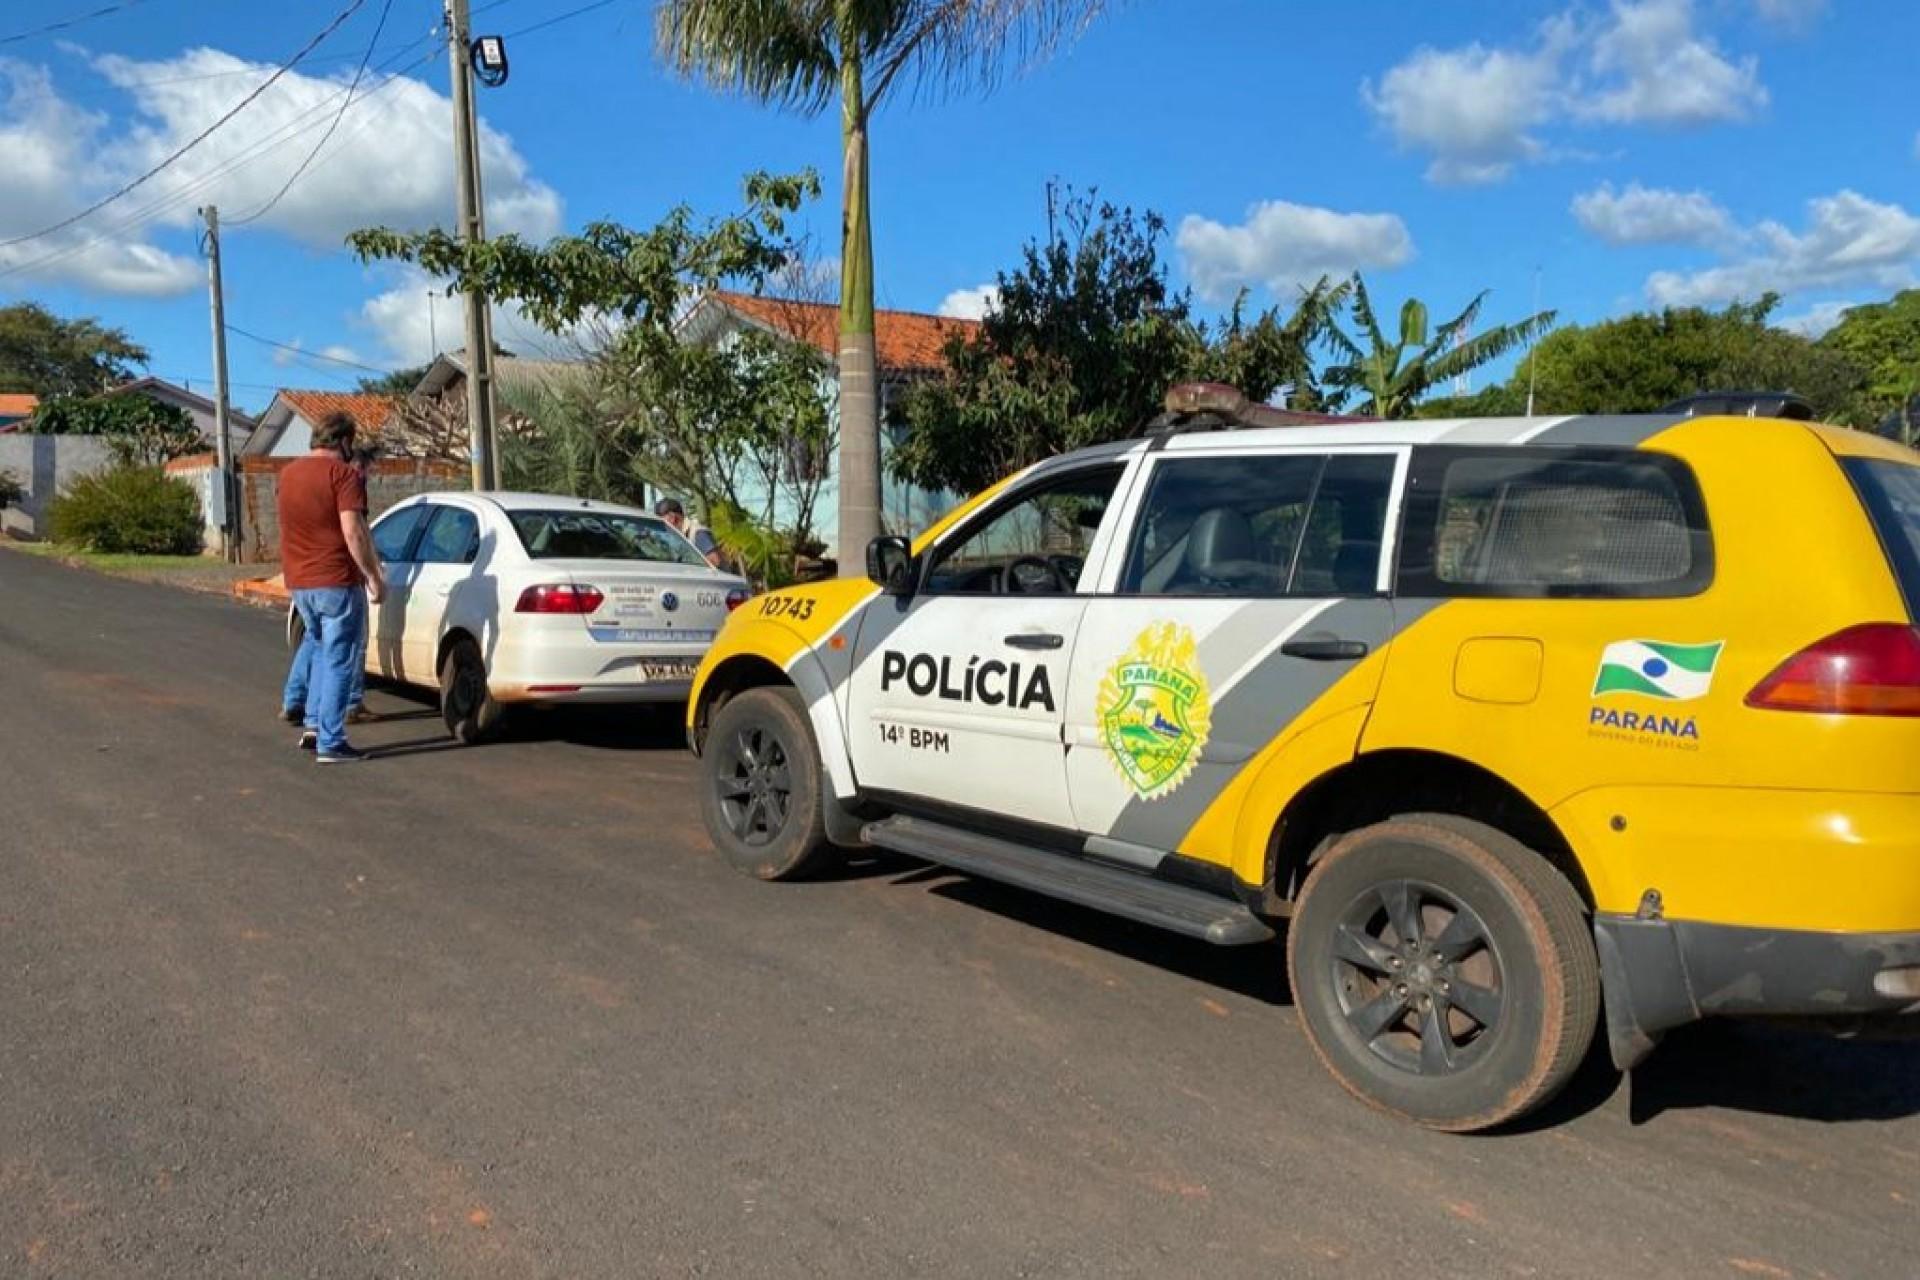 PM de Itaipulândia em conjunto com fiscais visitam pessoas que testaram positivo para Covid-19